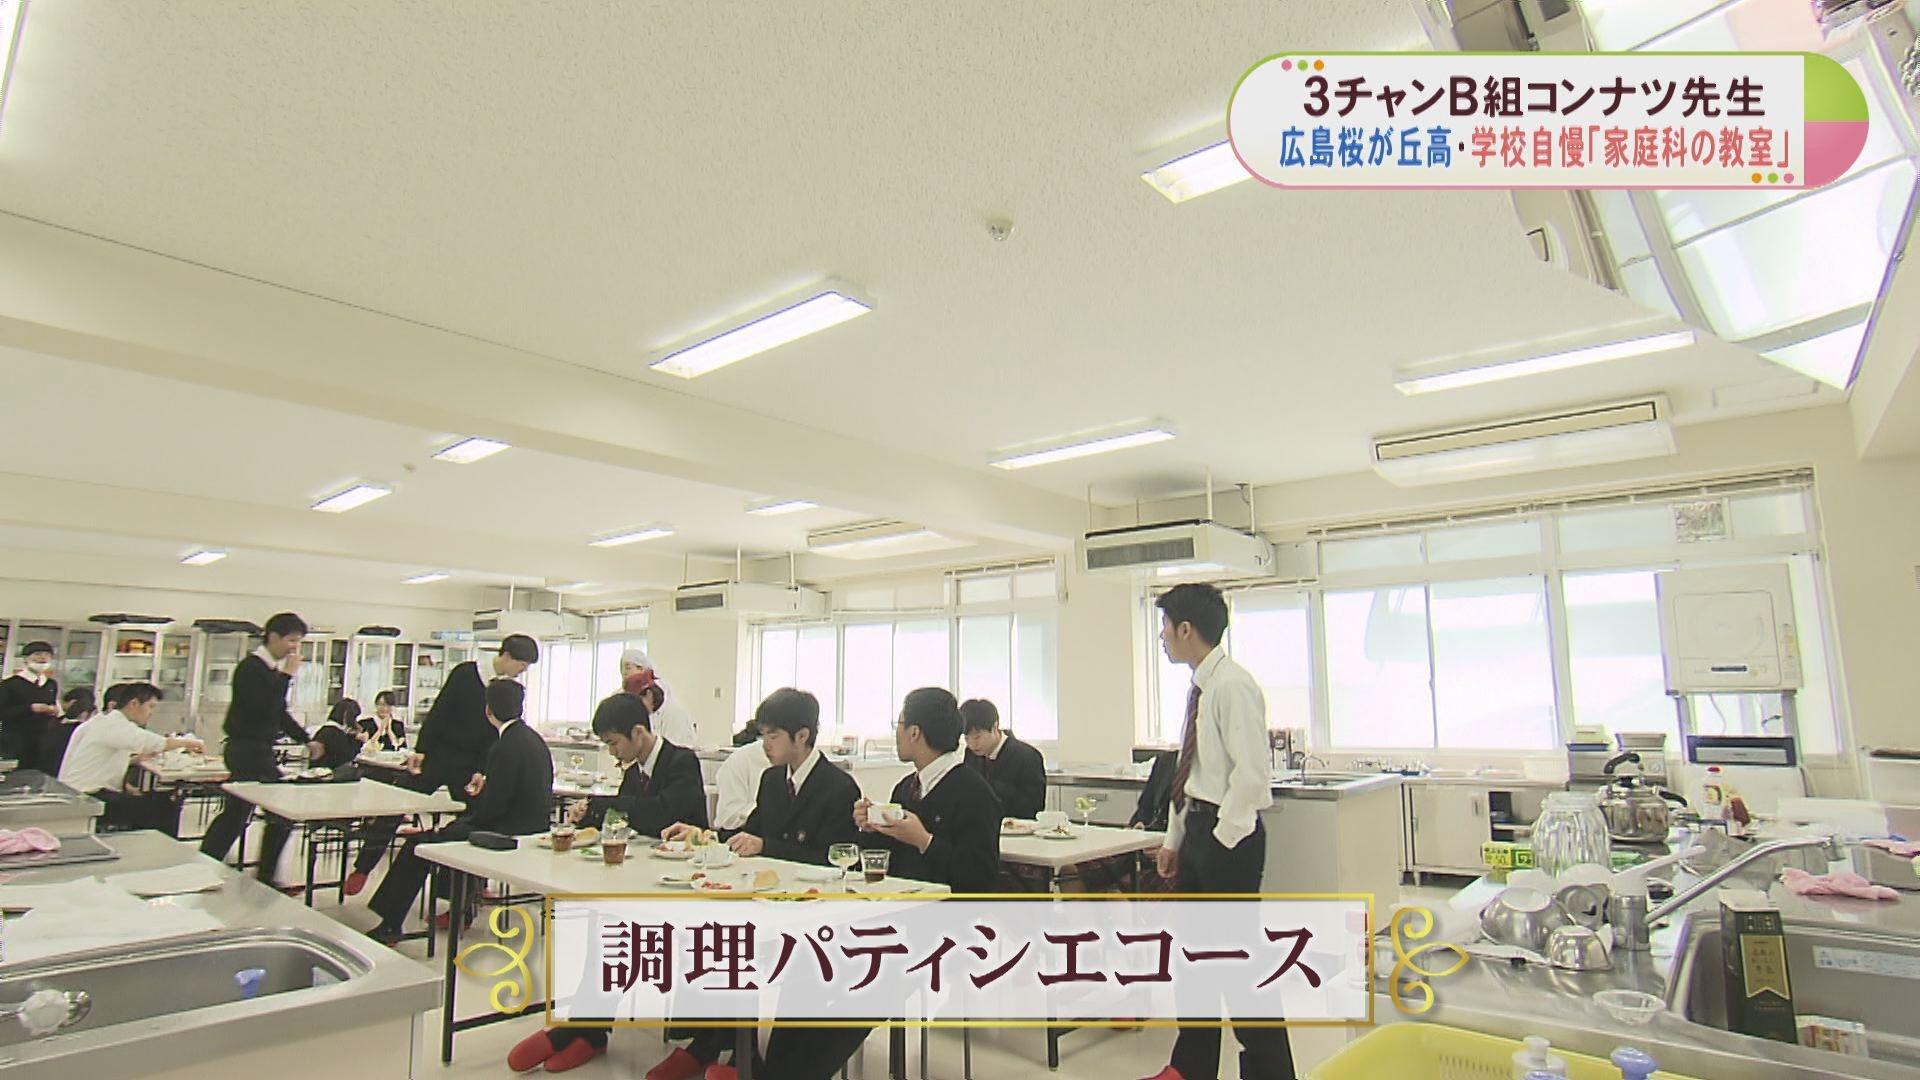 学校 広島 桜が丘 高等